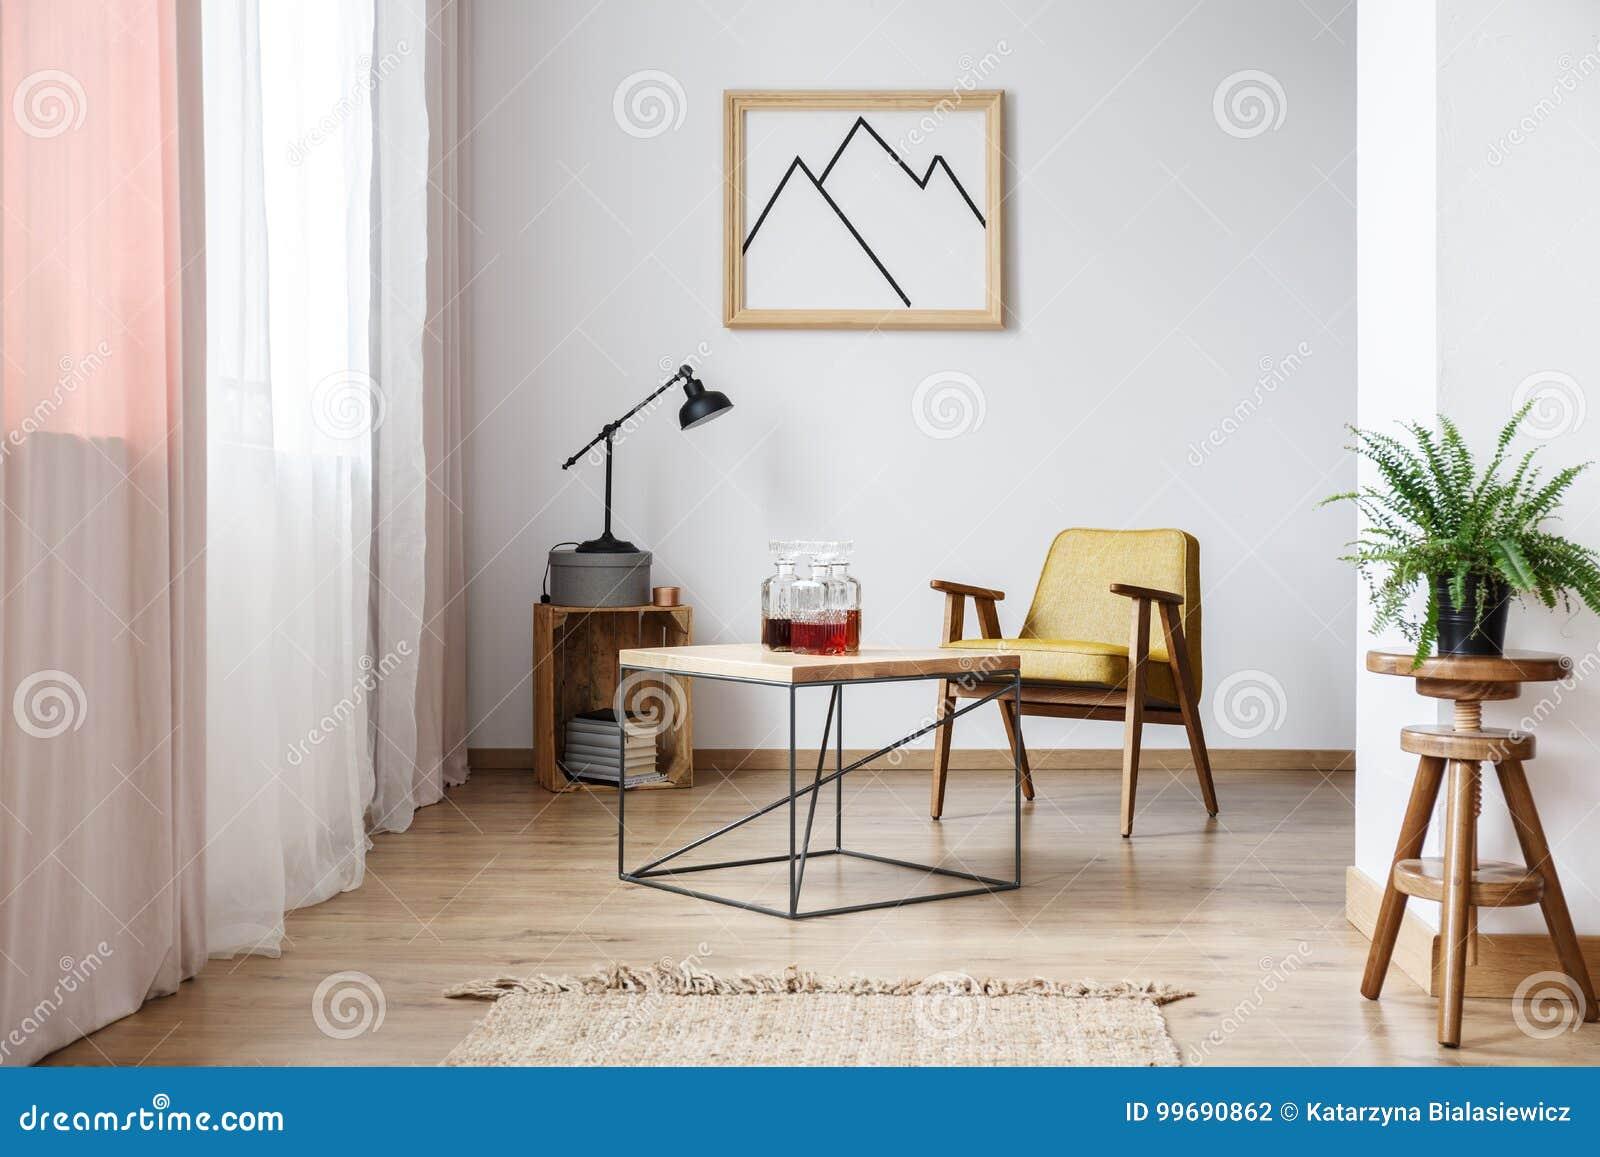 Diseño rústico de interior blanco